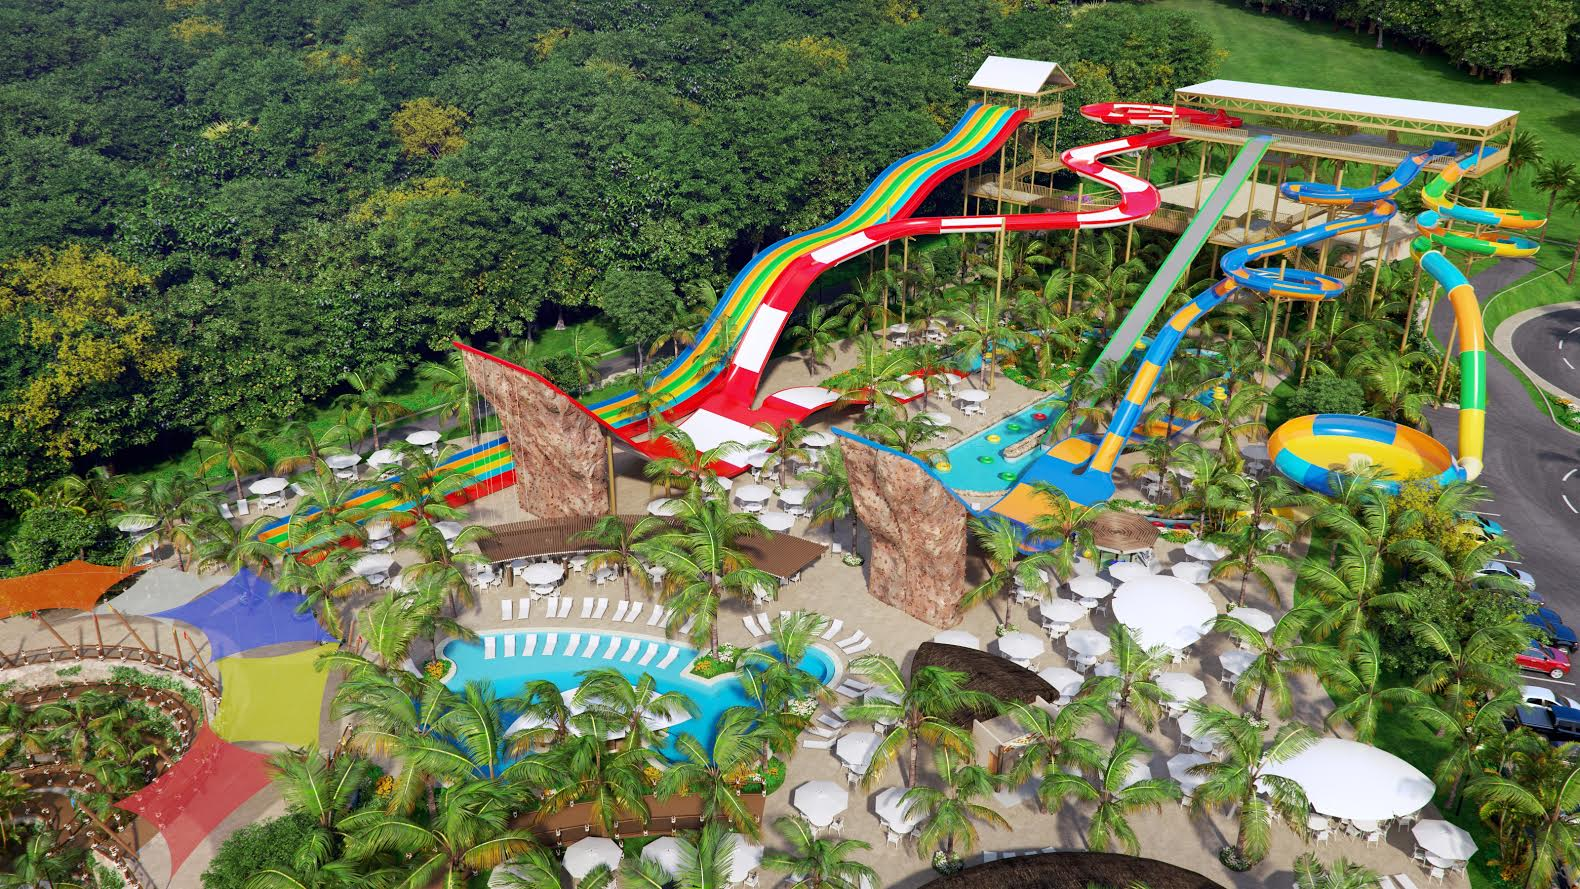 Novo parque aquático de Goiás vai gerar 680 empregos e atrair 1,5 mi de pessoas por ano